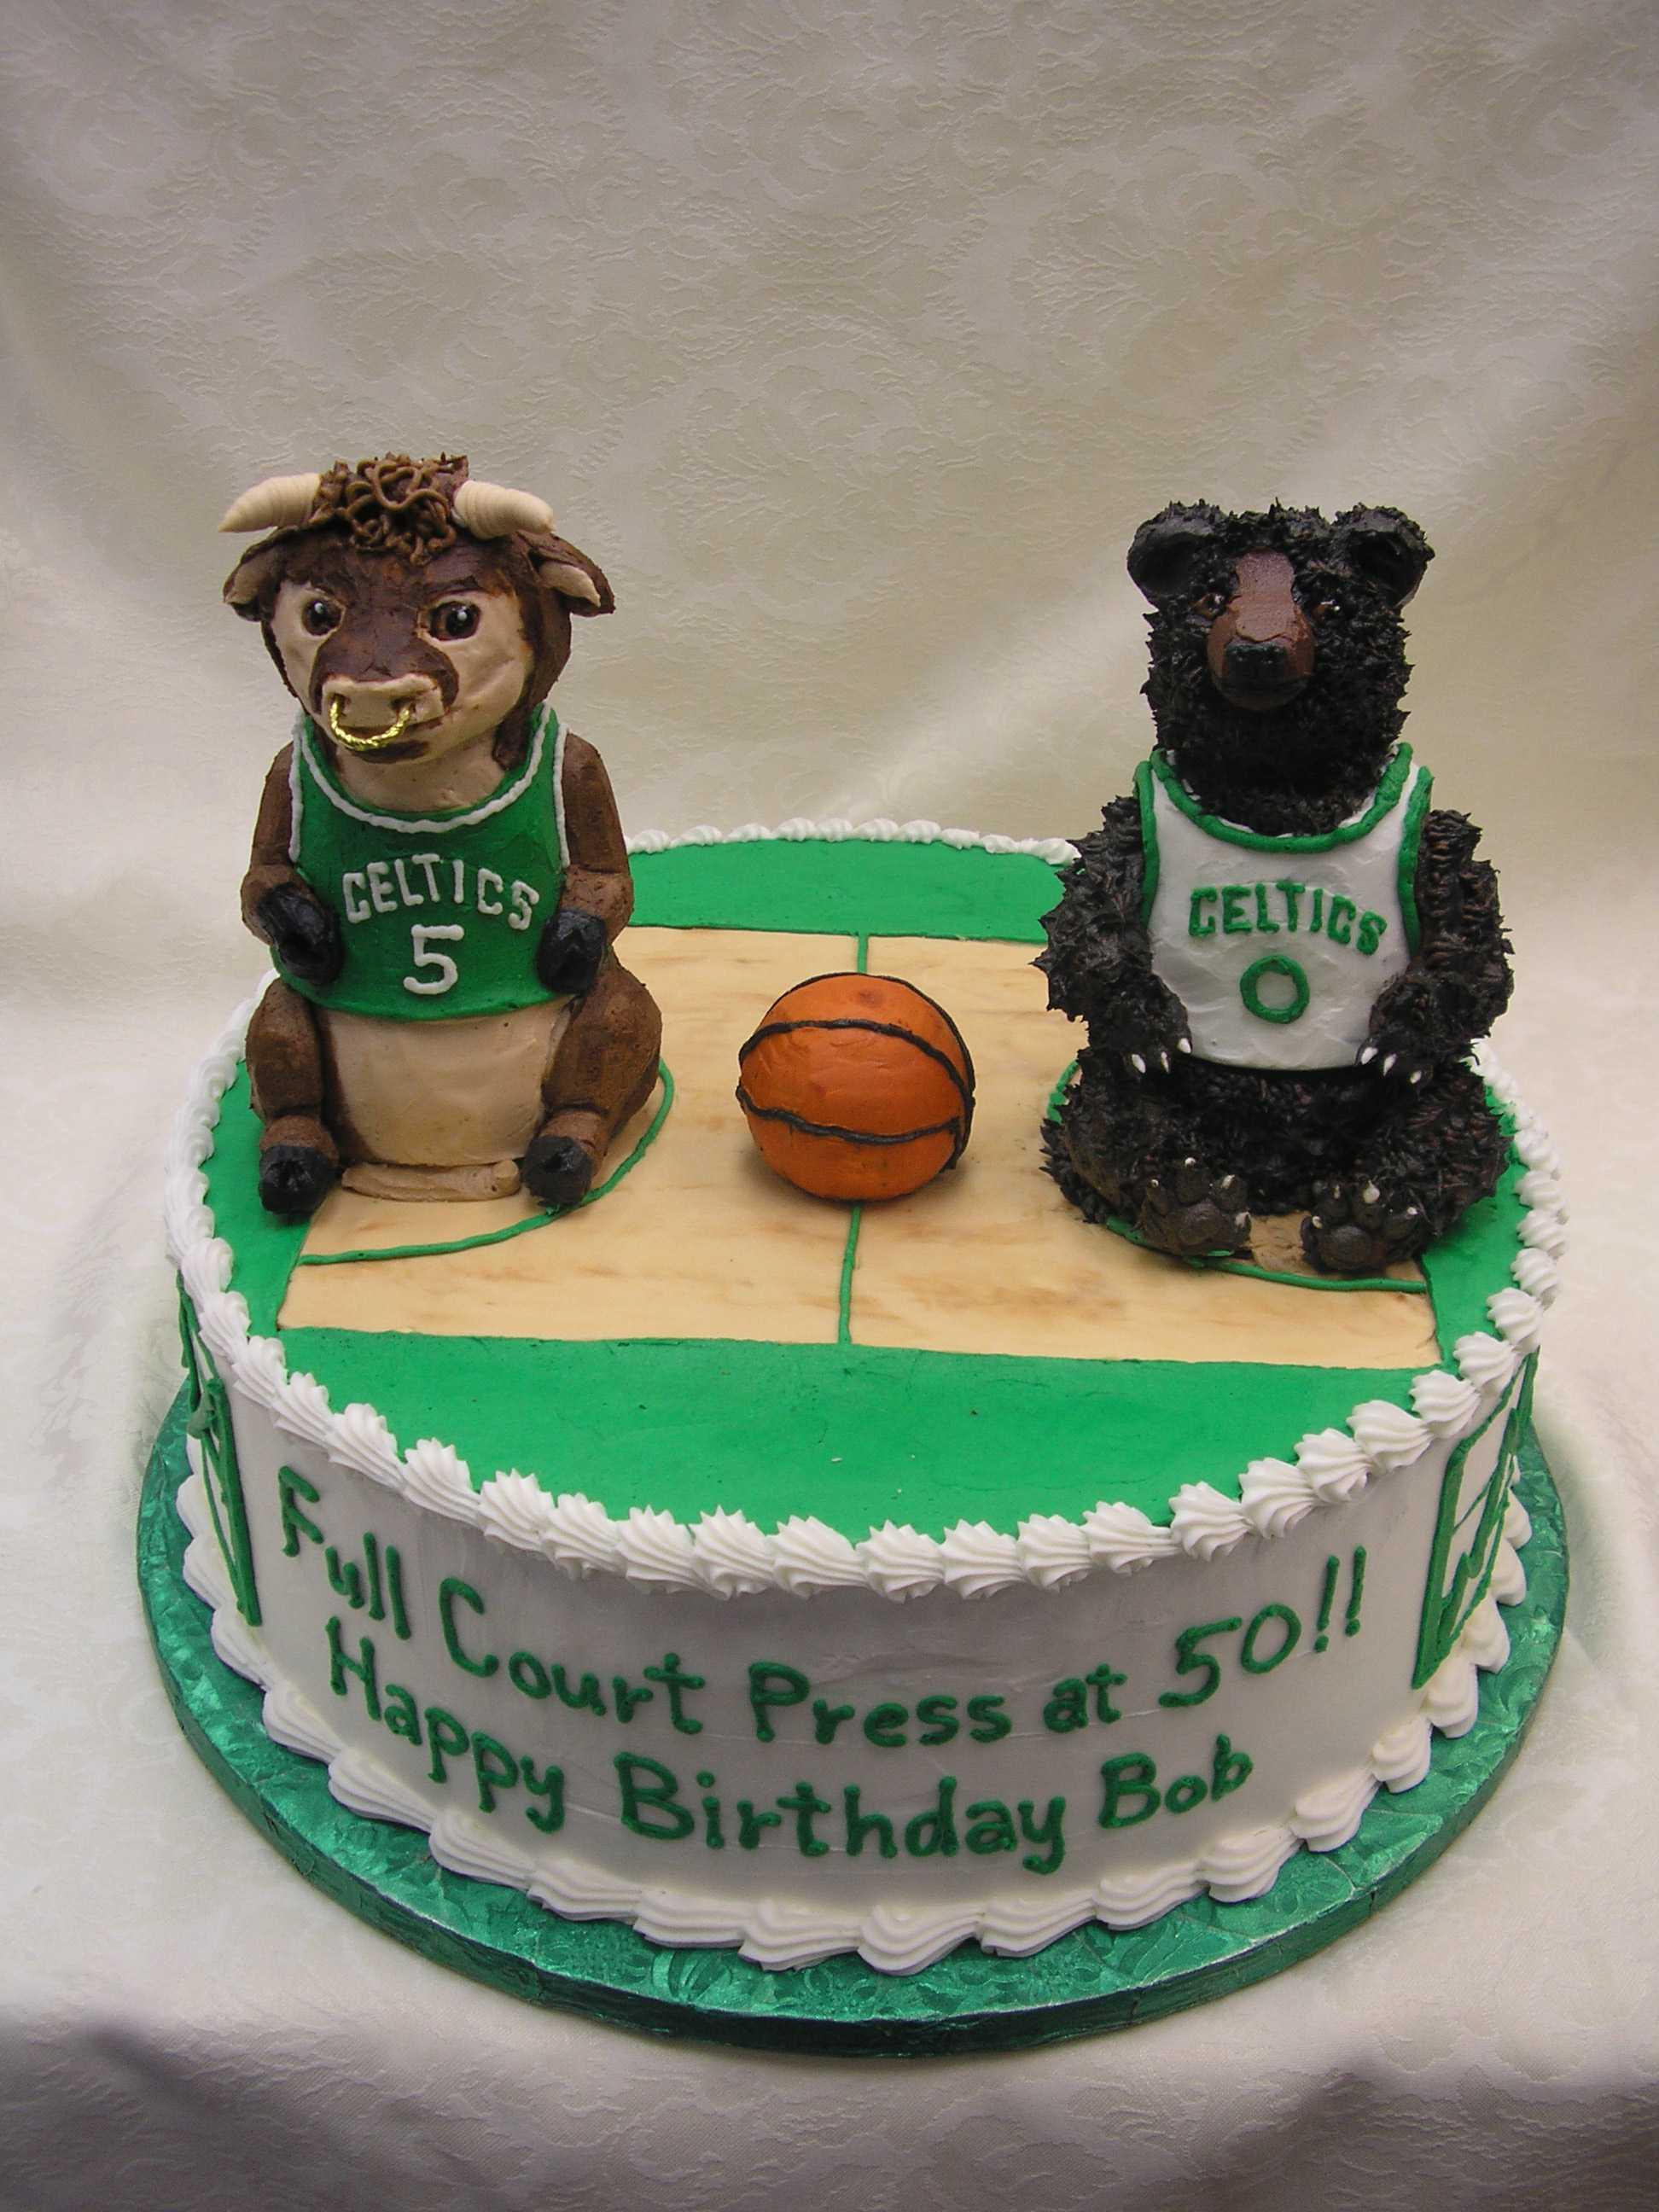 celtics cake